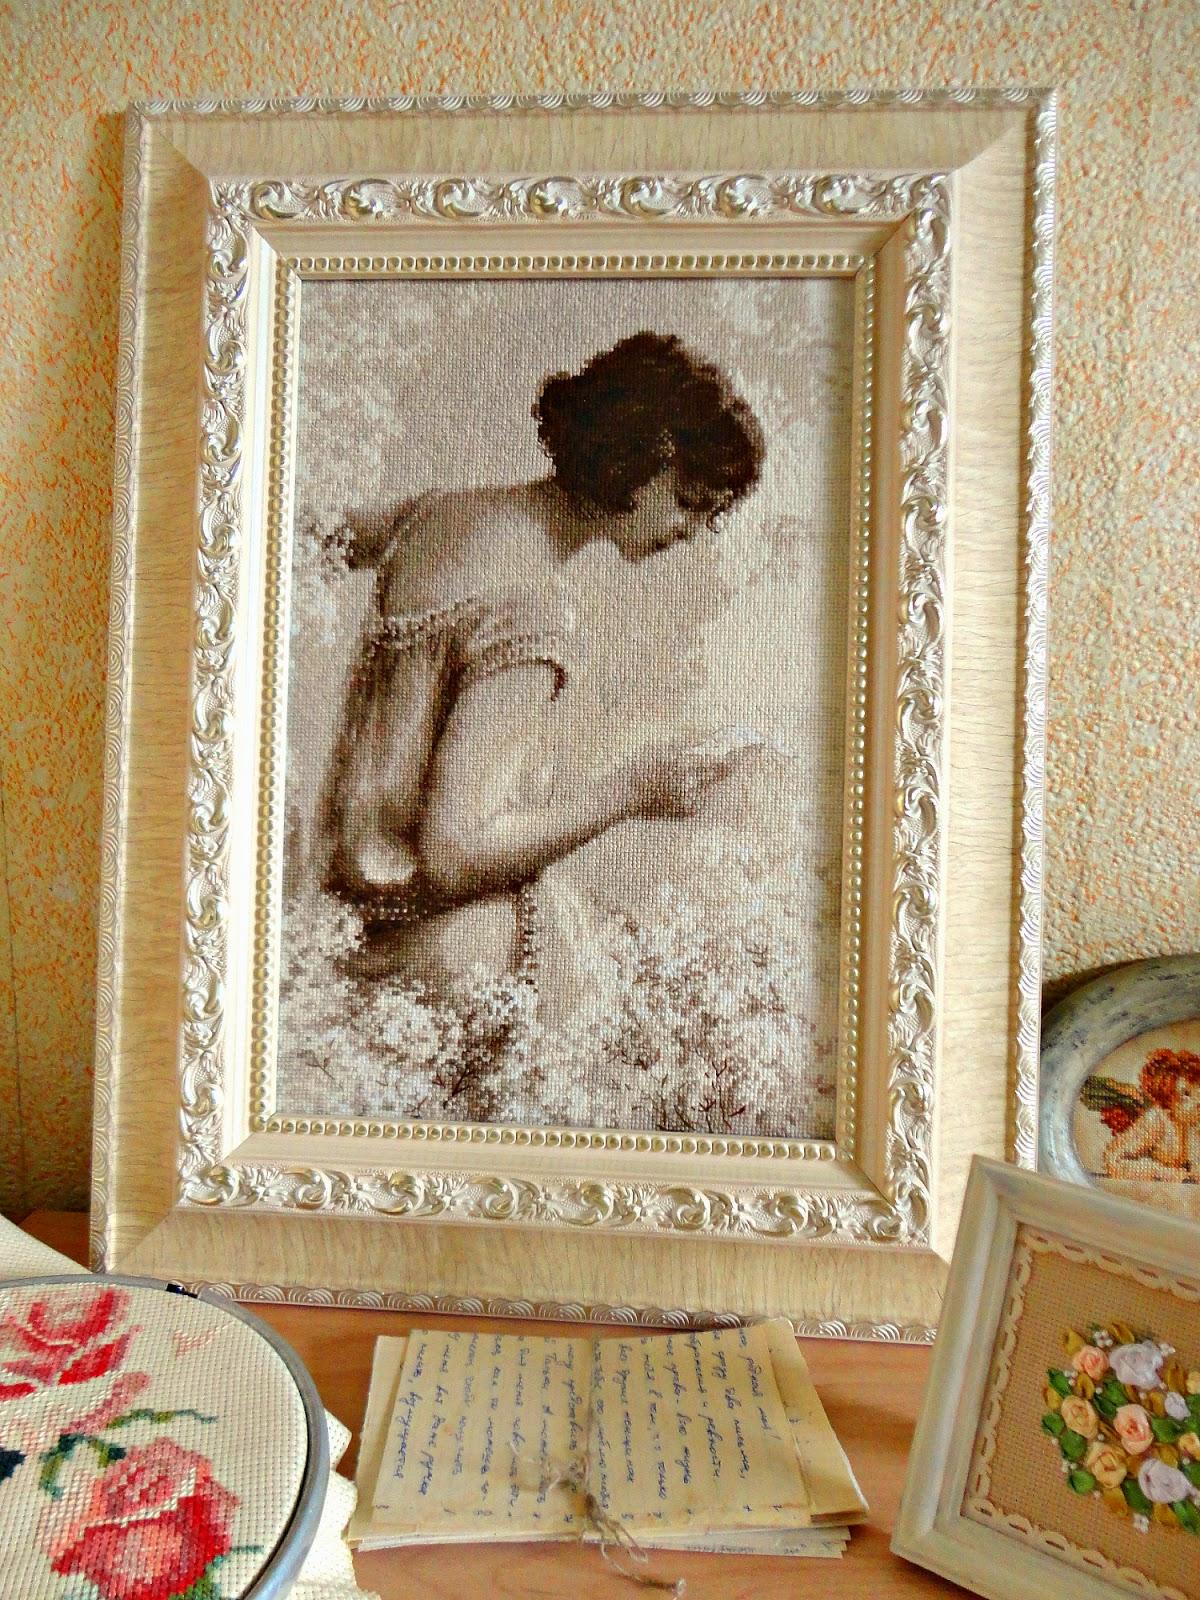 Вышивка старая фотография.письмо